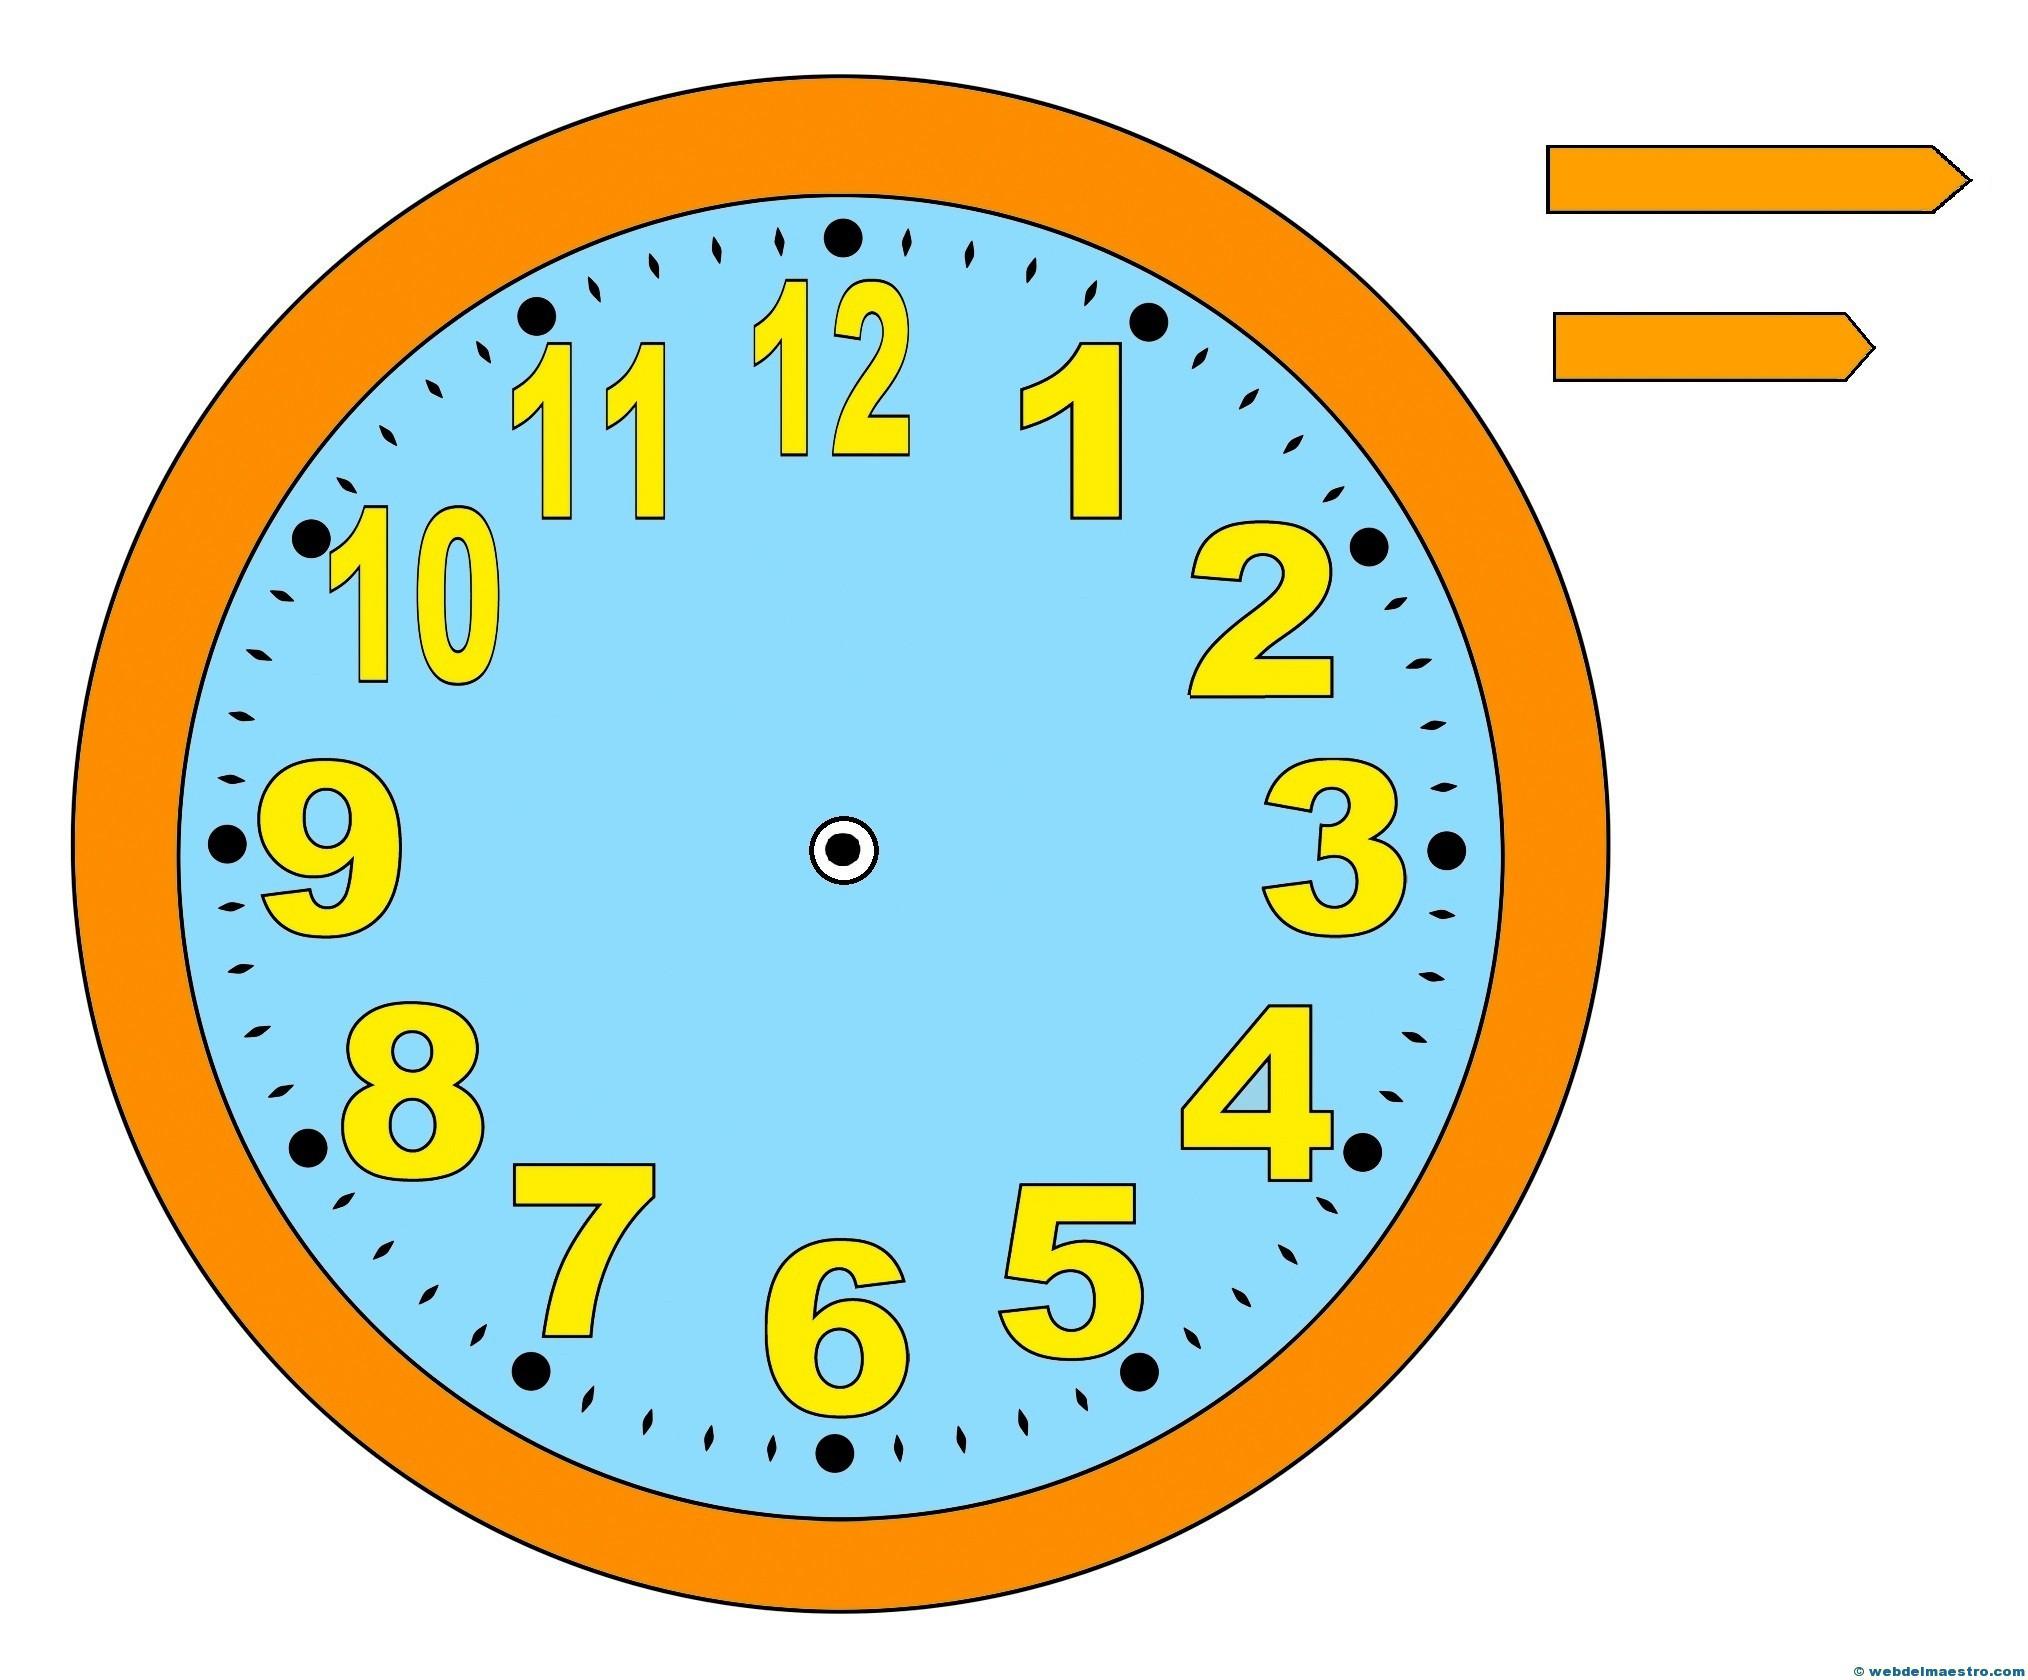 relojes para aprender la hora-6-color - Web del maestro